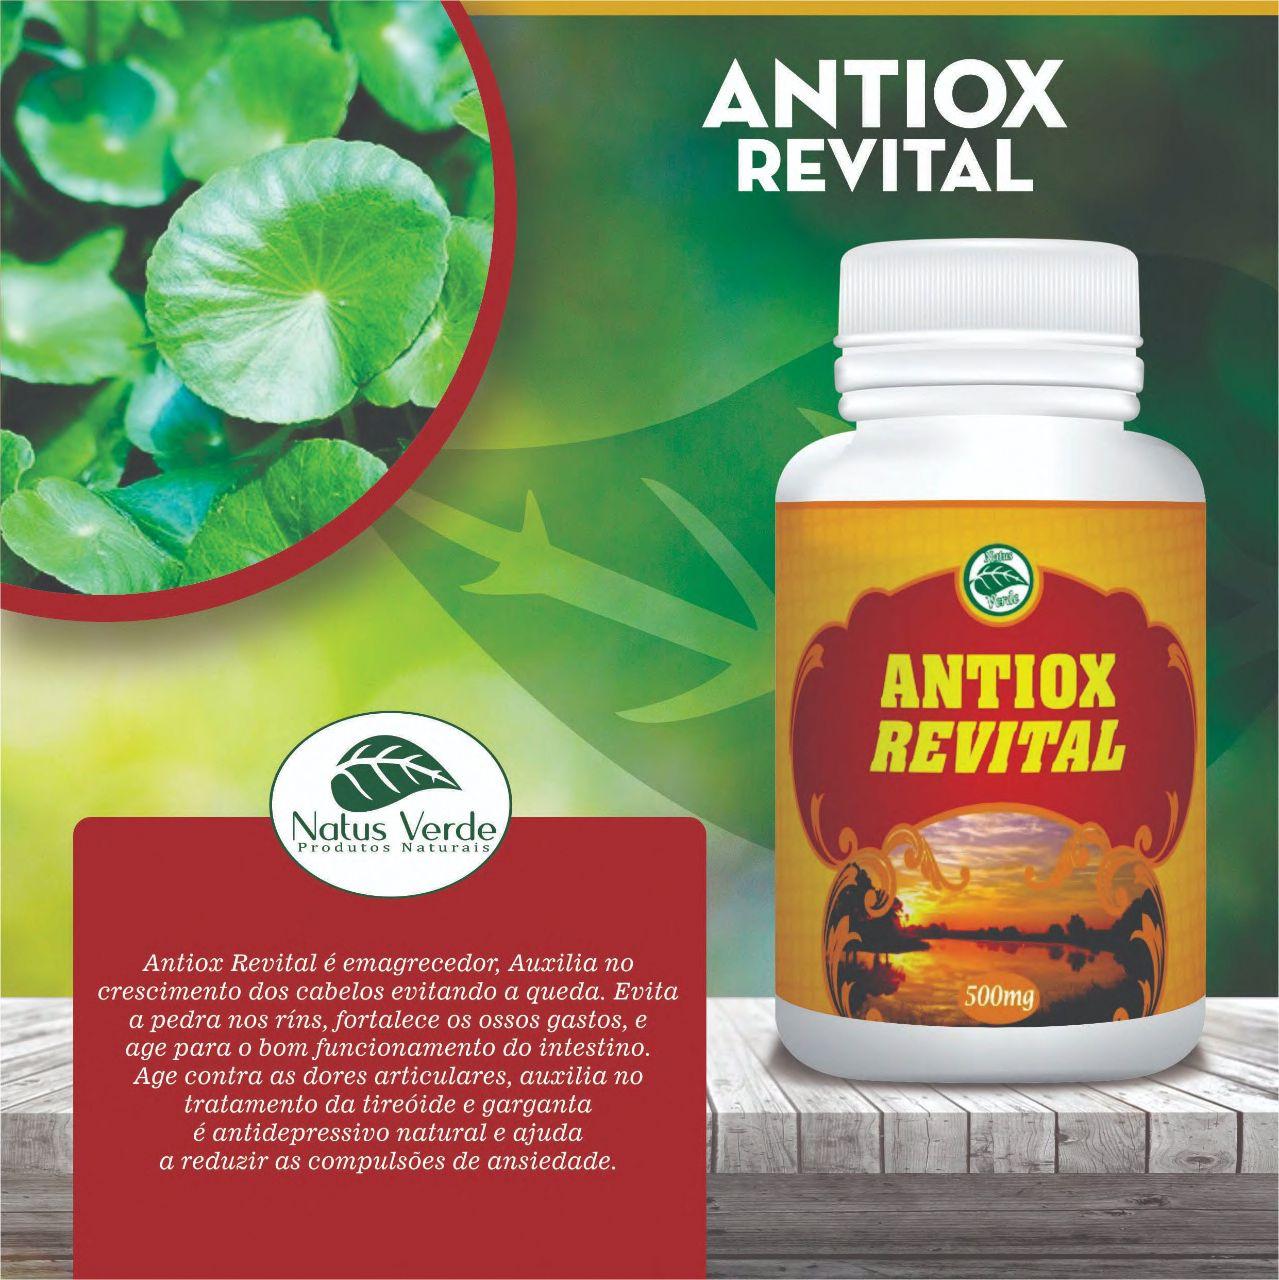 Produtos Naturais Antiox Revita Emagrecedor Natus Verde 60 caps  - Fribasex - Fabricasex.com